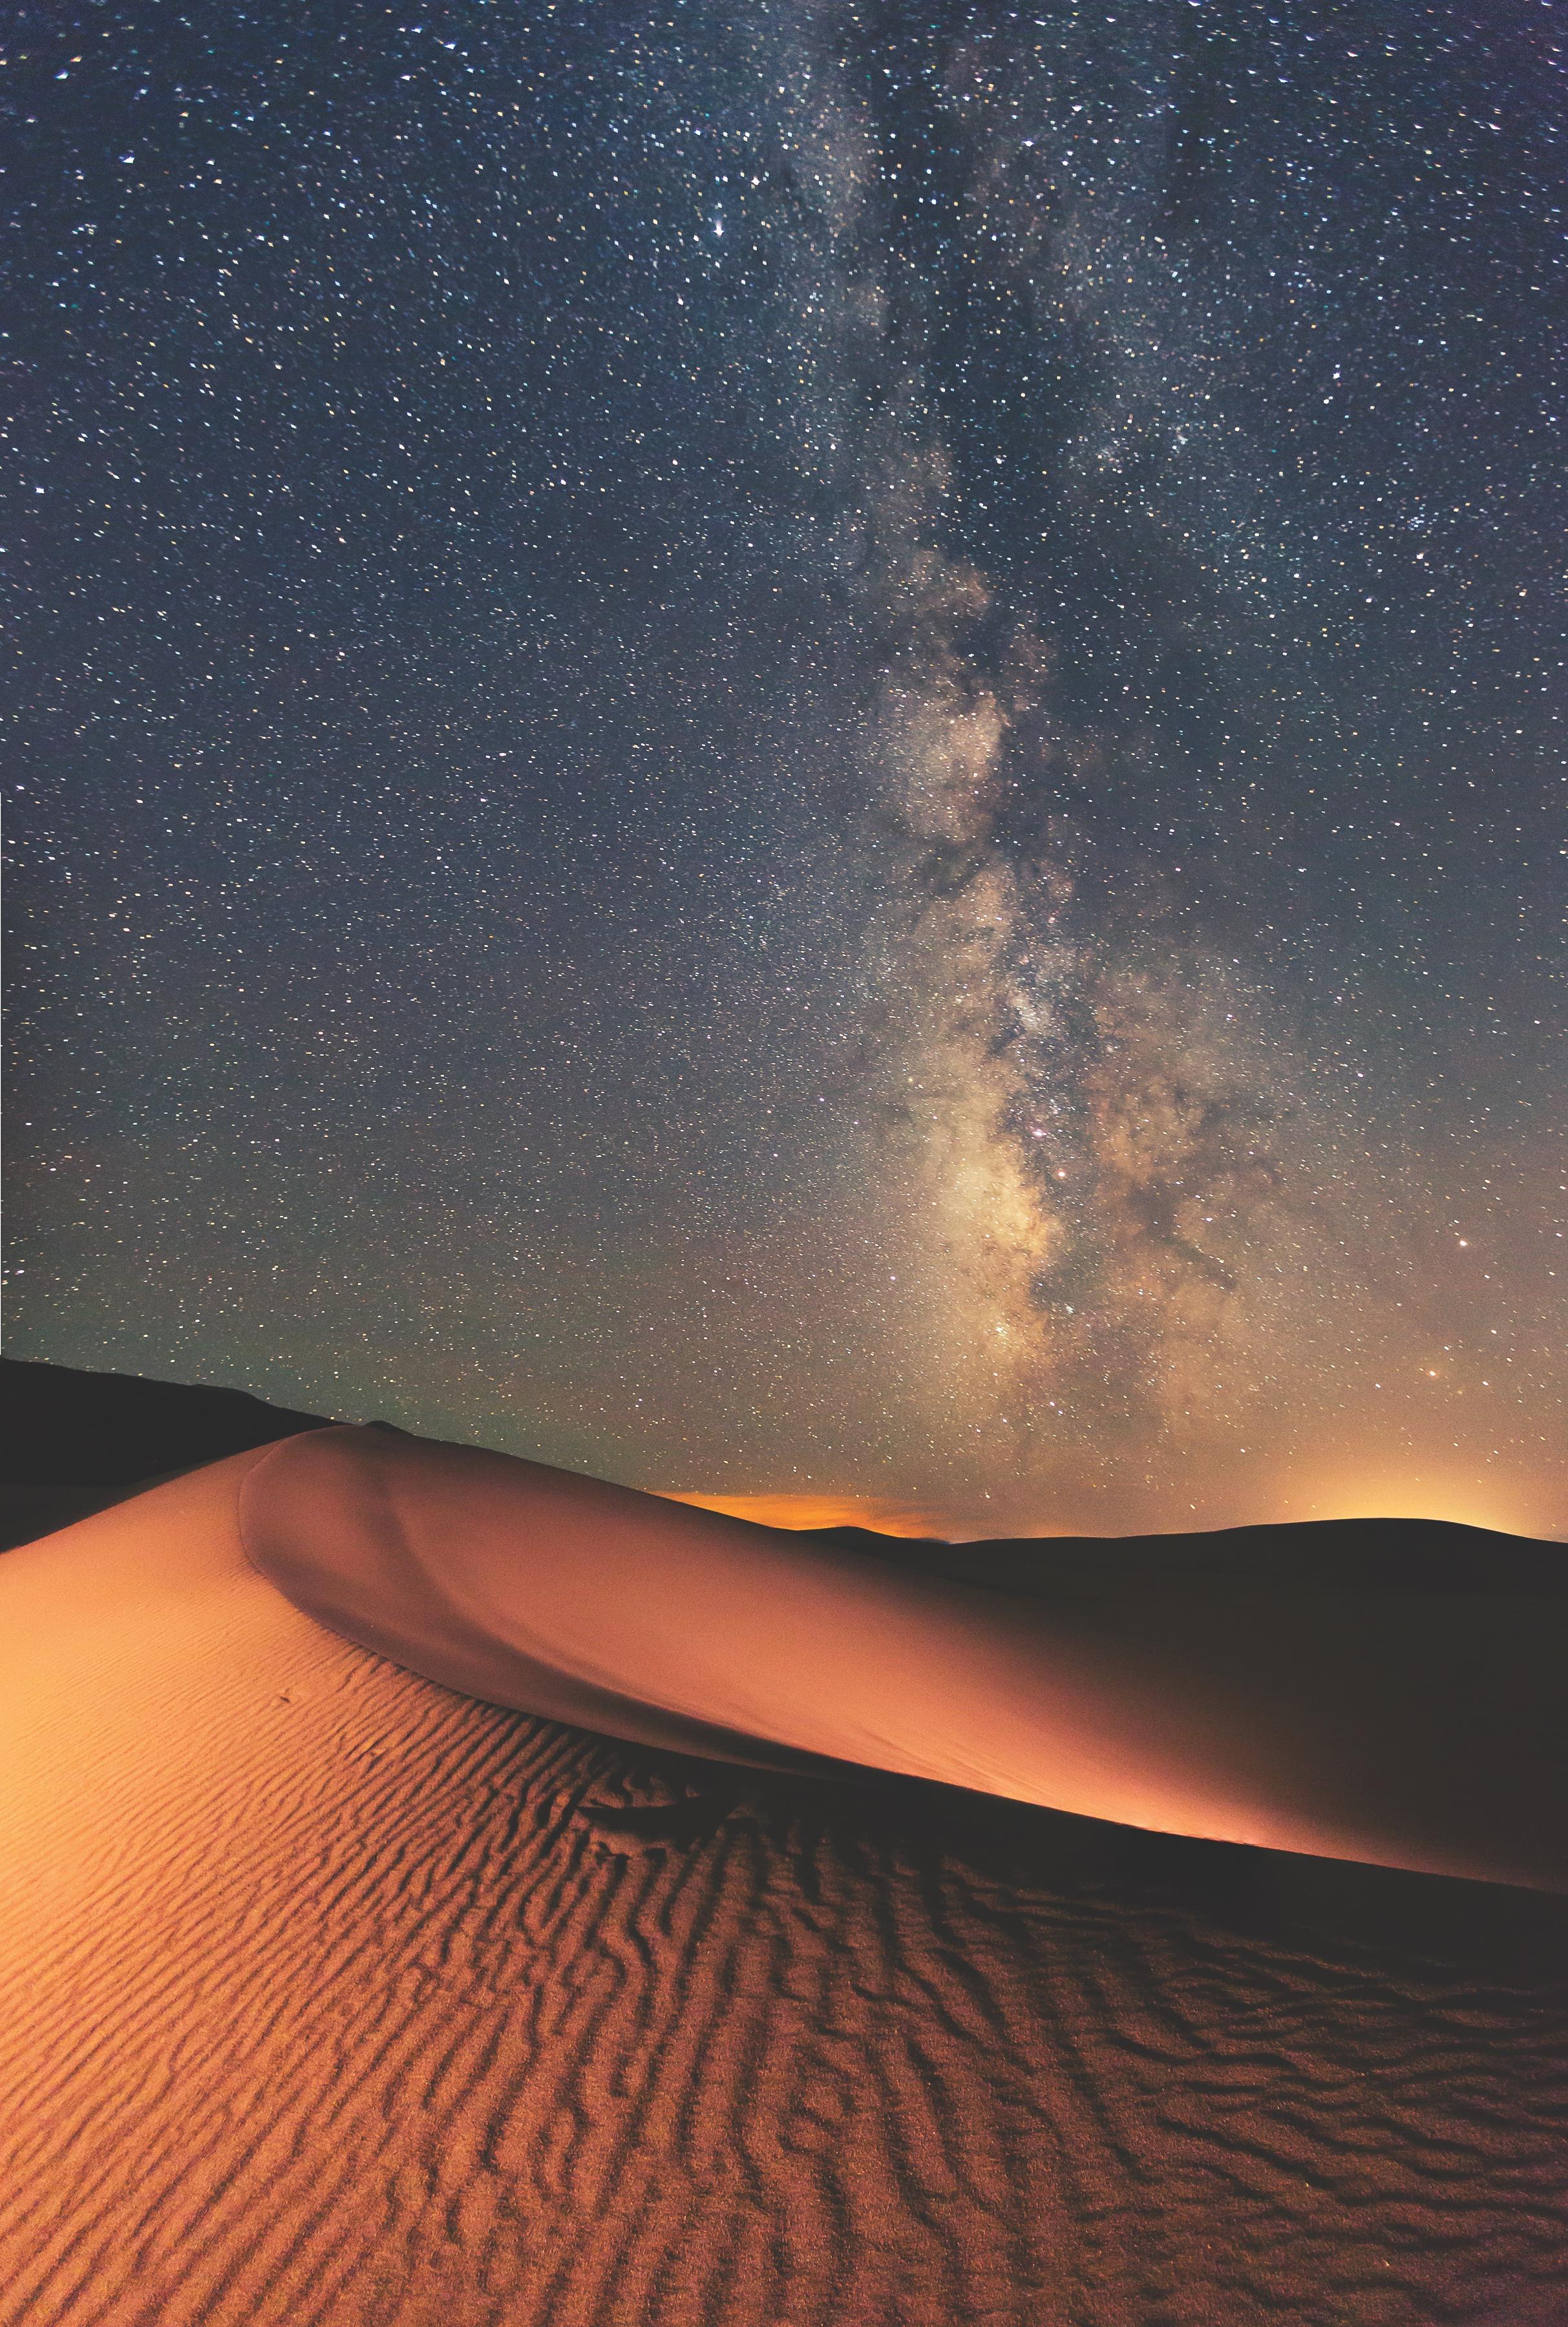 Possiamo scattare foto notturne che siano realistiche? Via Lattea sopra le dune nel Parco nazionale di Great Sand Dunes